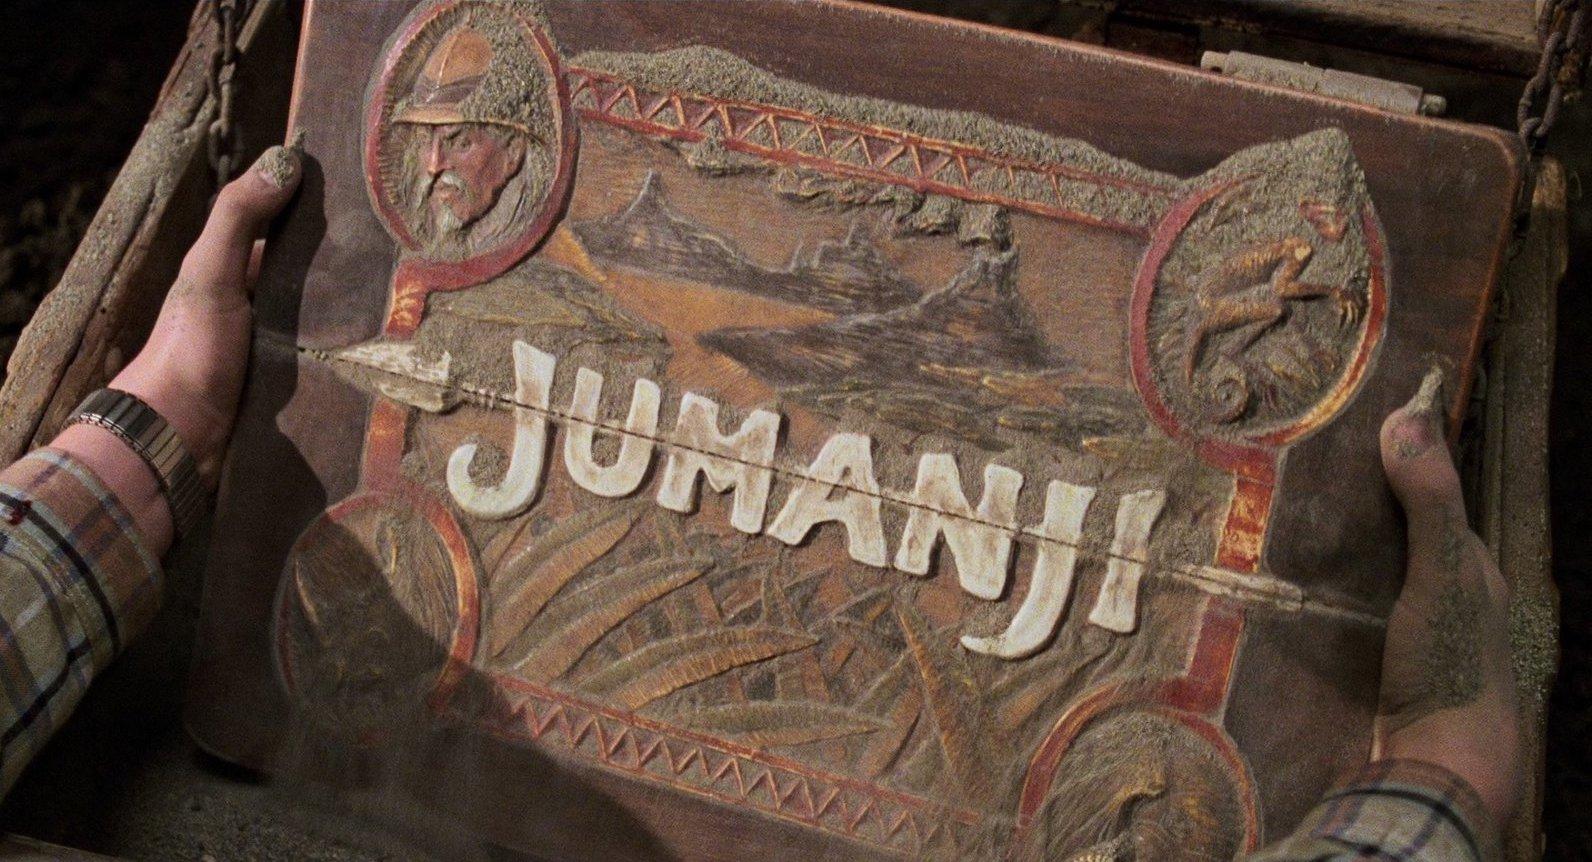 Jumanji, Džumandži